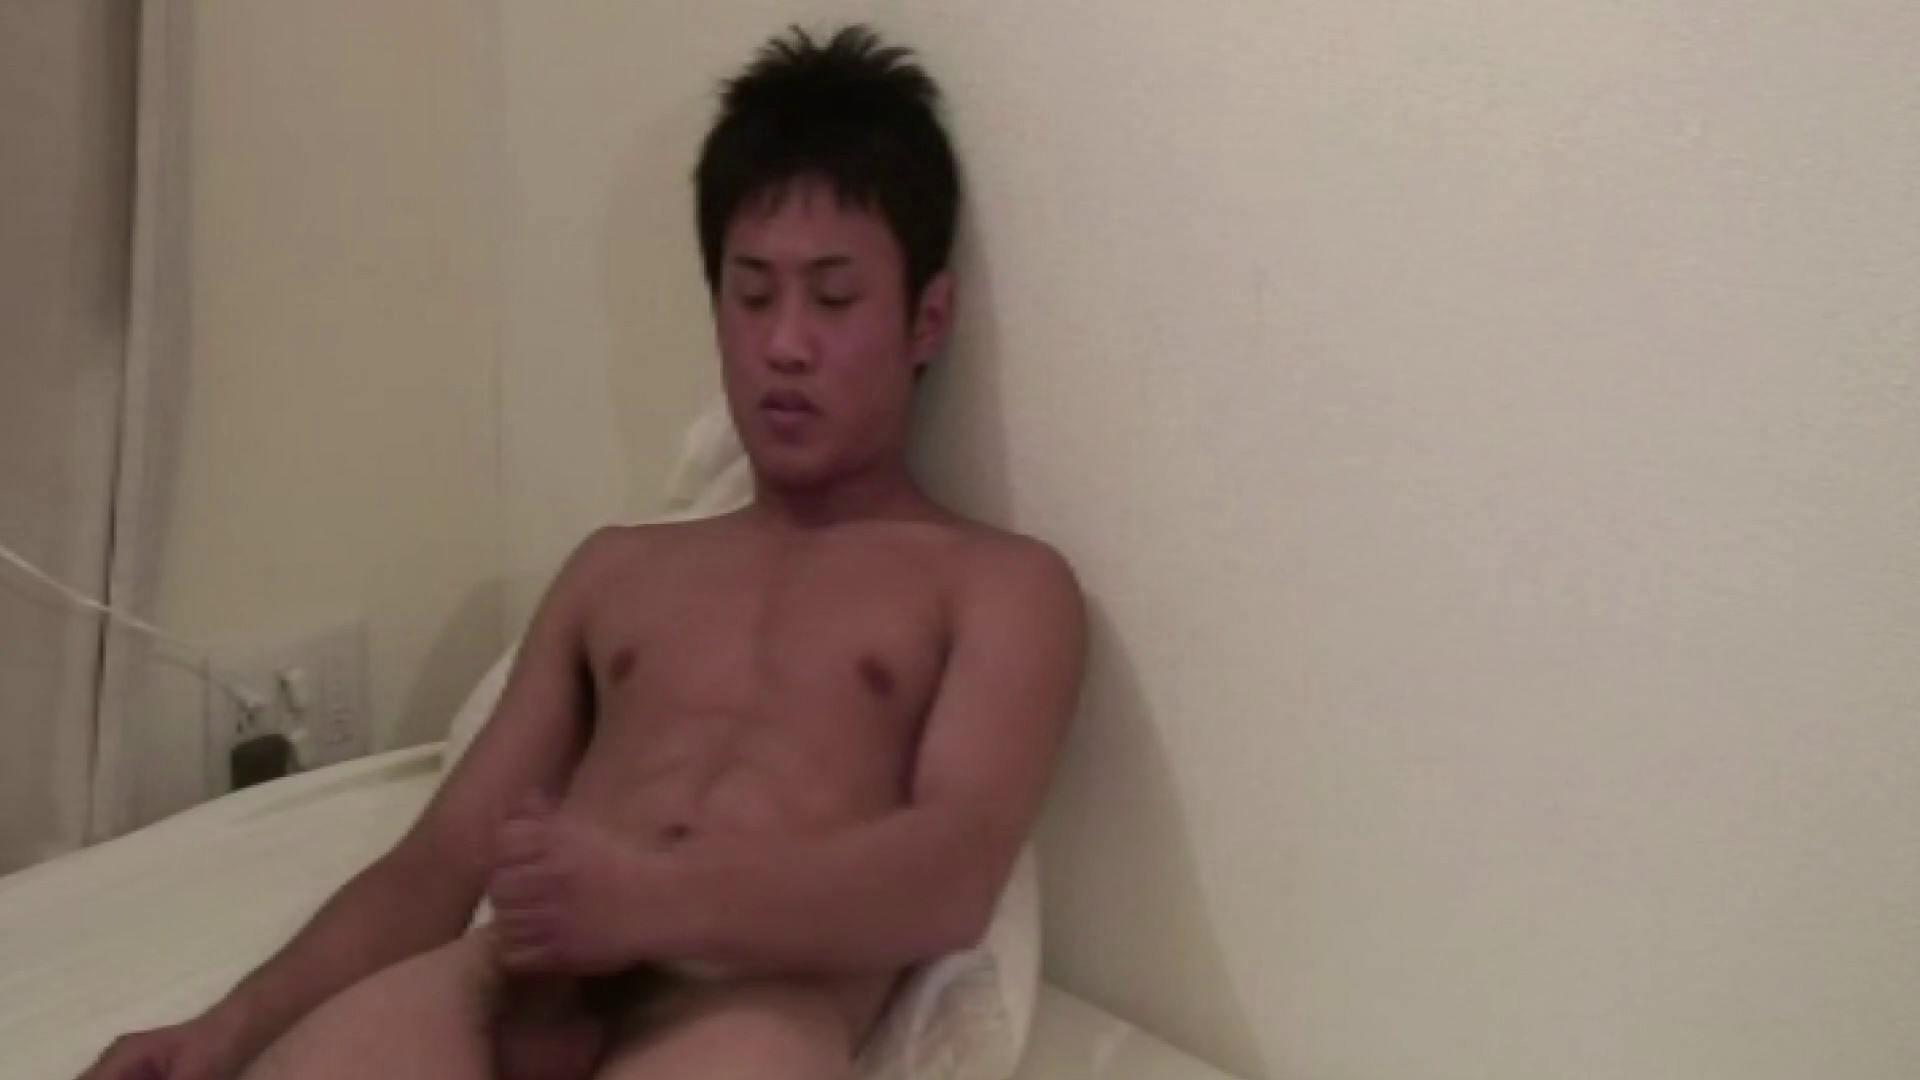 清さんの傑作動画集 Vol.13 無修正 エロビデオ紹介 52pic 50